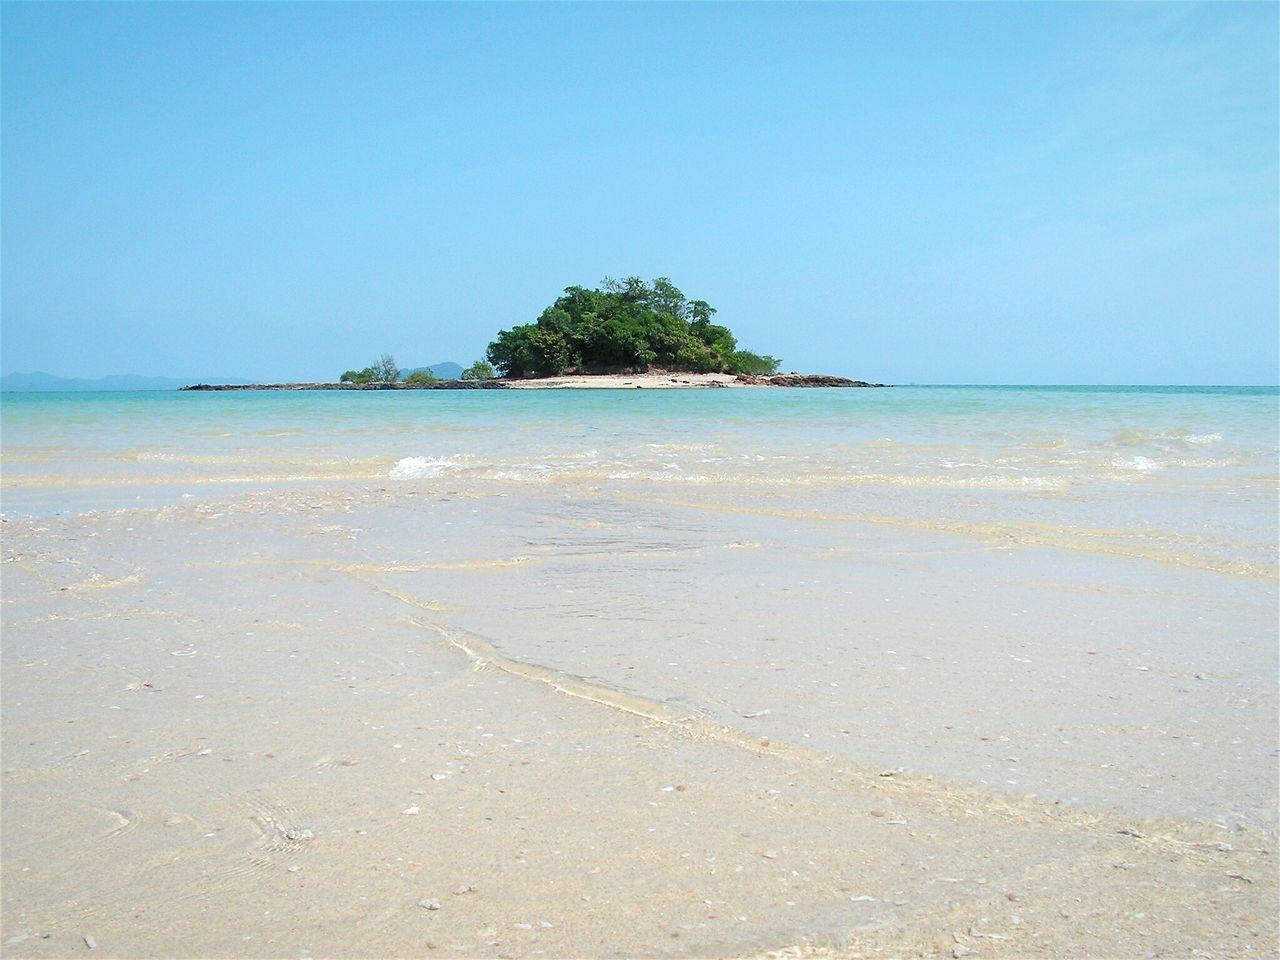 Surface level of calm beach against clear blue sky